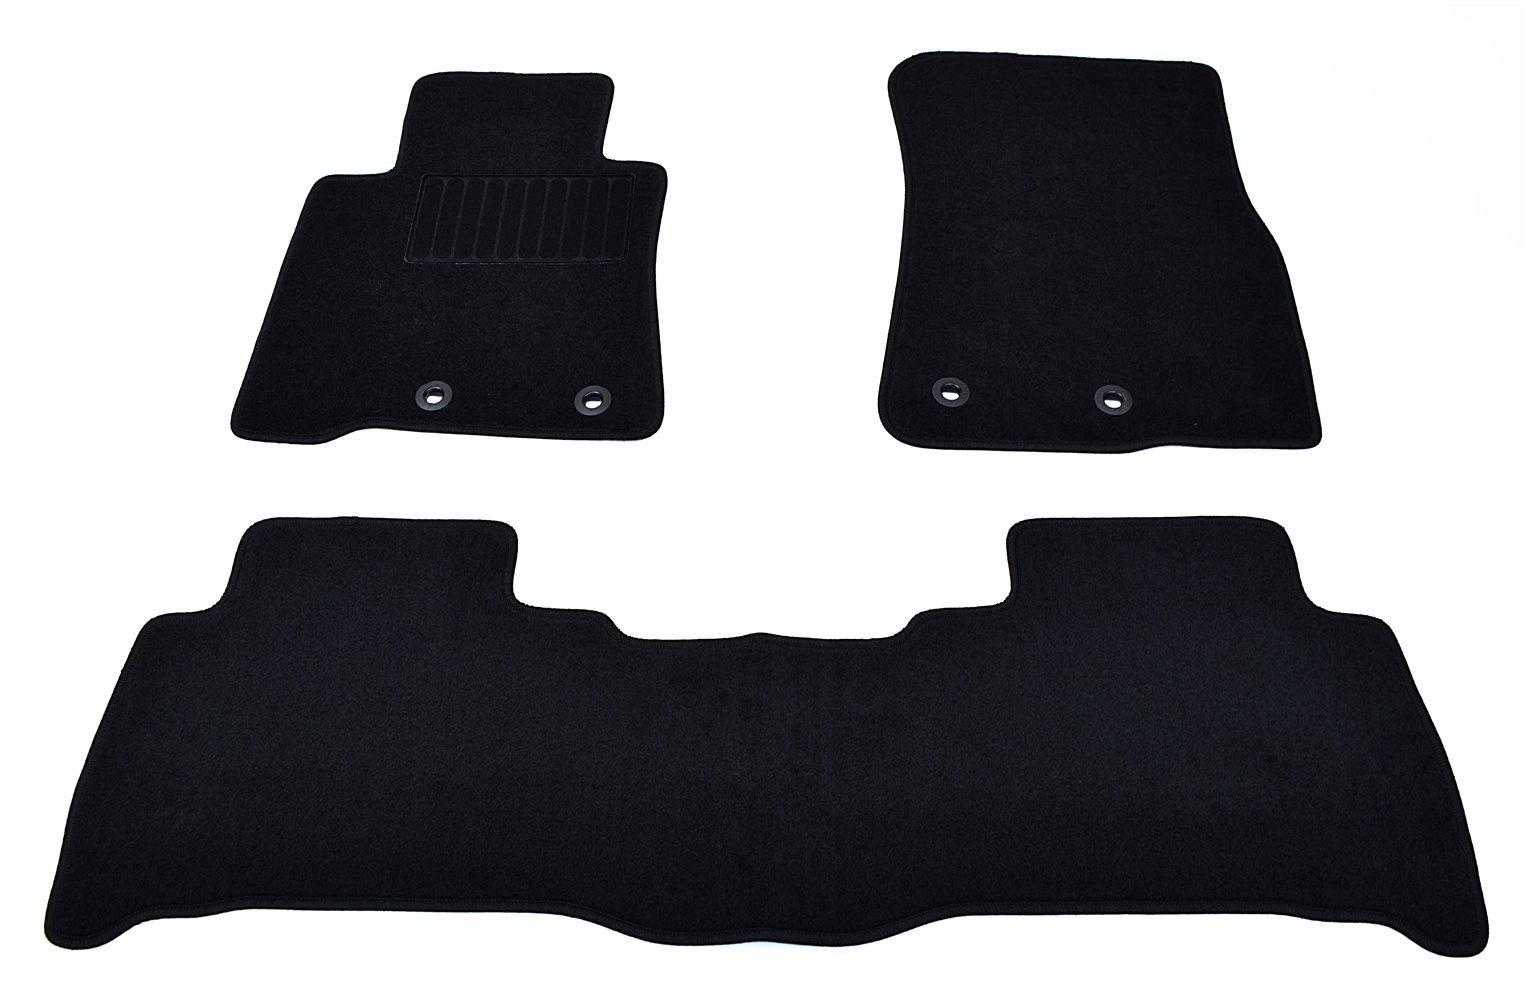 Коврики в салон автомобиля SV Design, для vw passat, b8, 2015-, 5029-unf3-14p, текстильные, черный